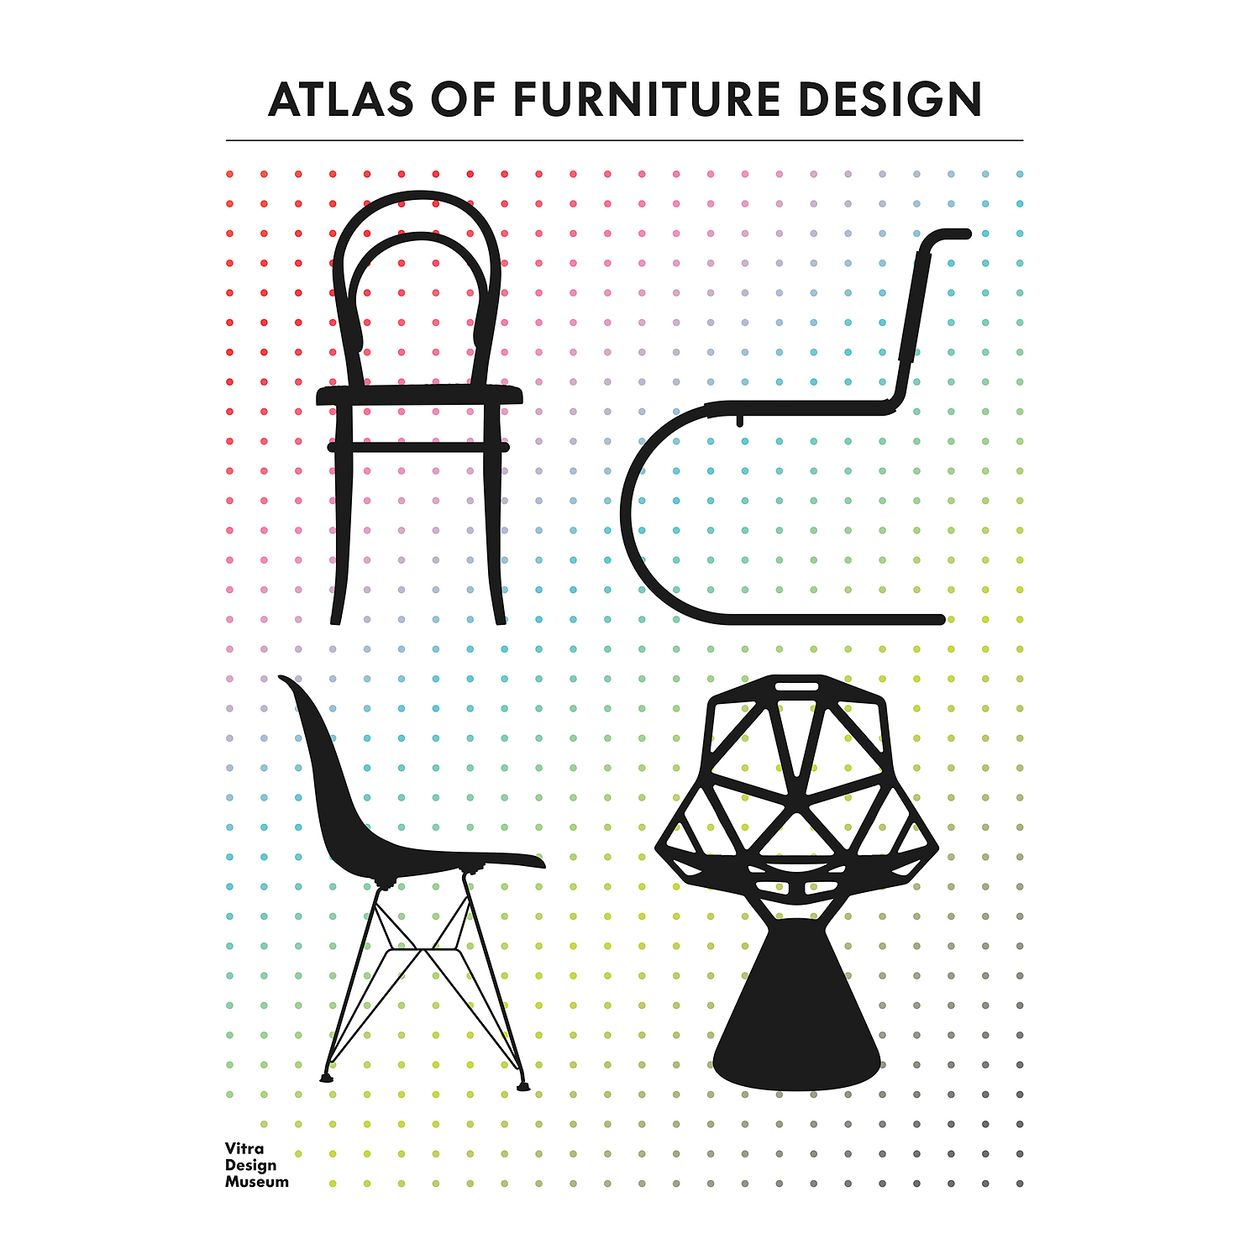 Atlas of Furniture Design